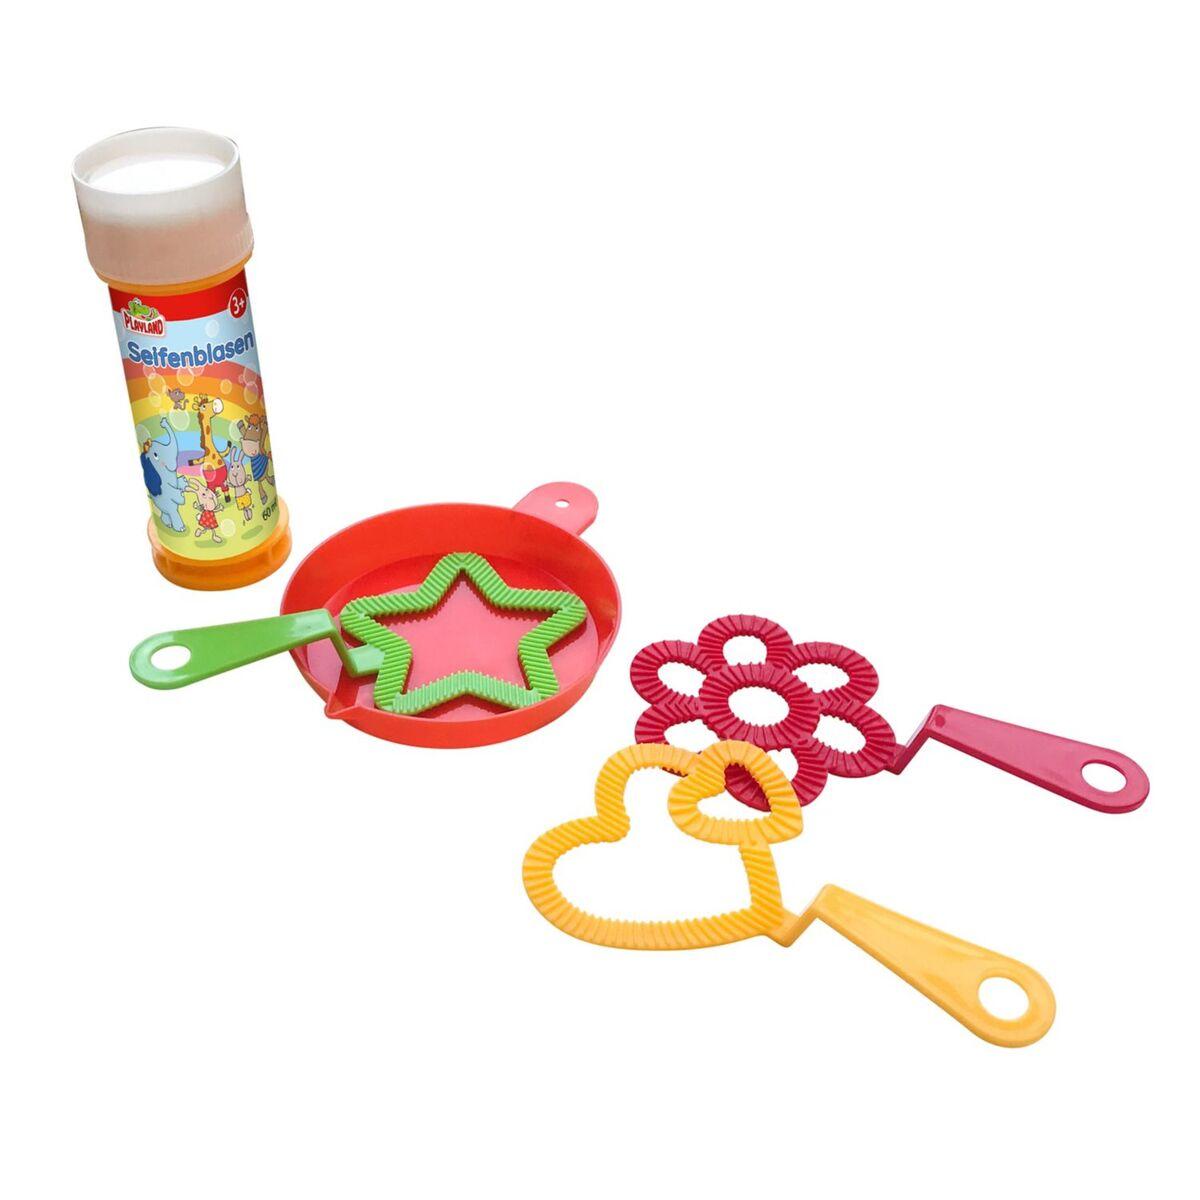 Bild 5 von Playland Seifenblasen-Spielzeug